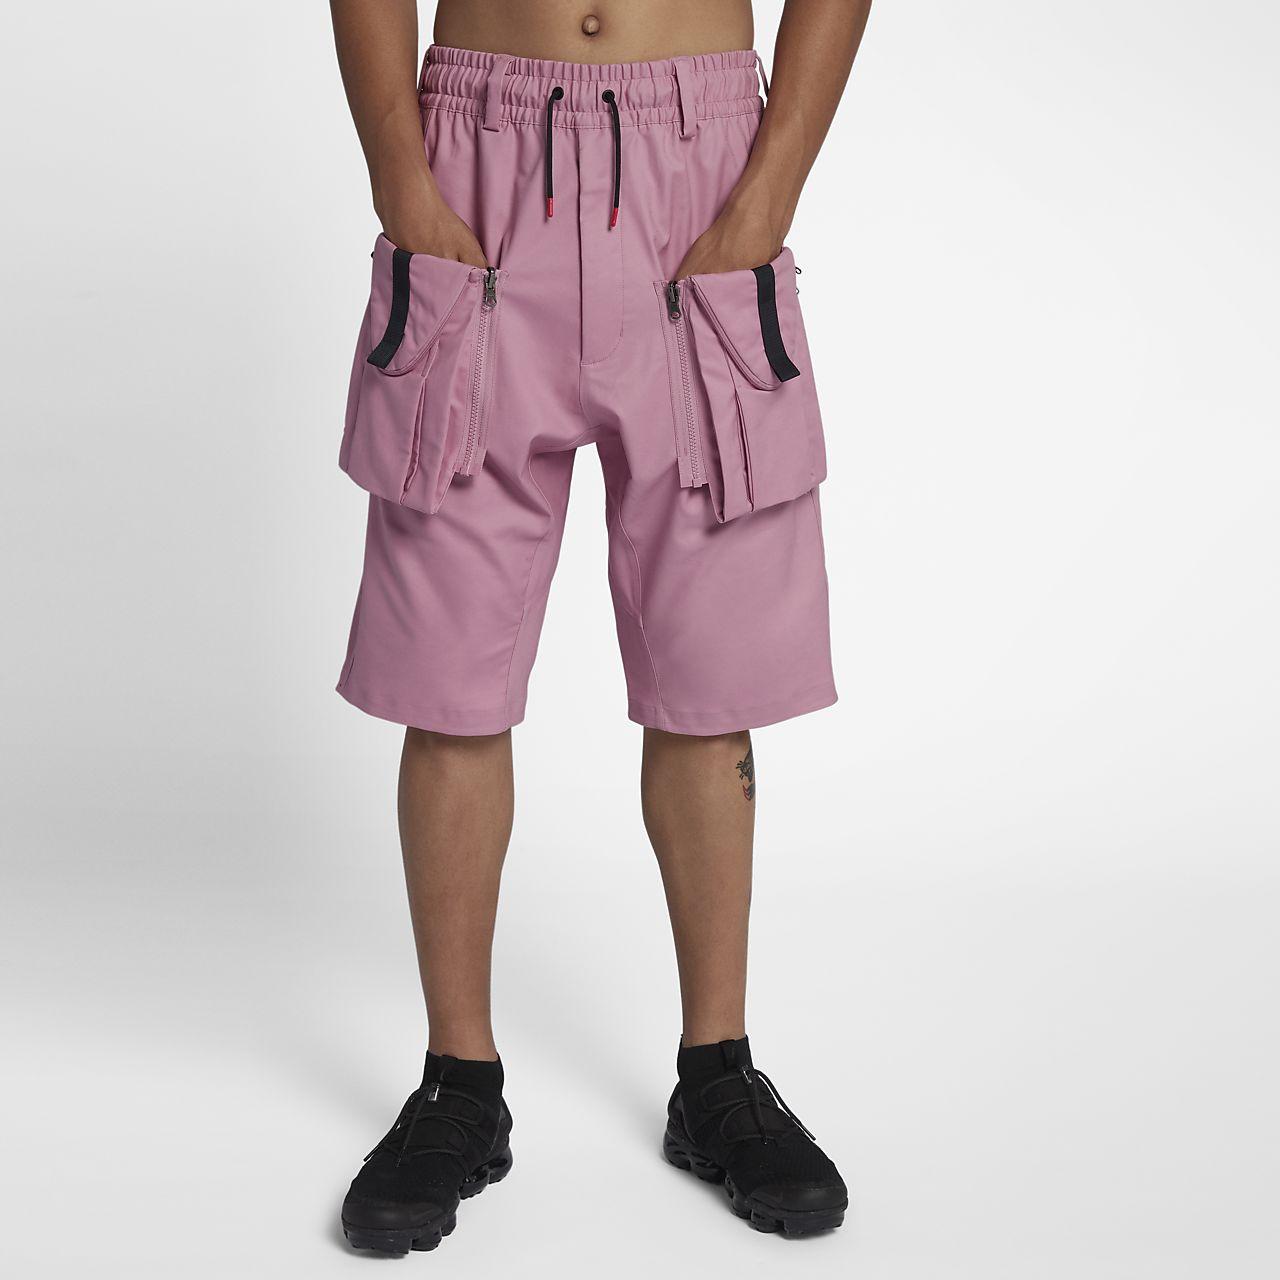 promo code a9a5d c7e74 Men s Cargo Shorts. NikeLab ACG Deploy